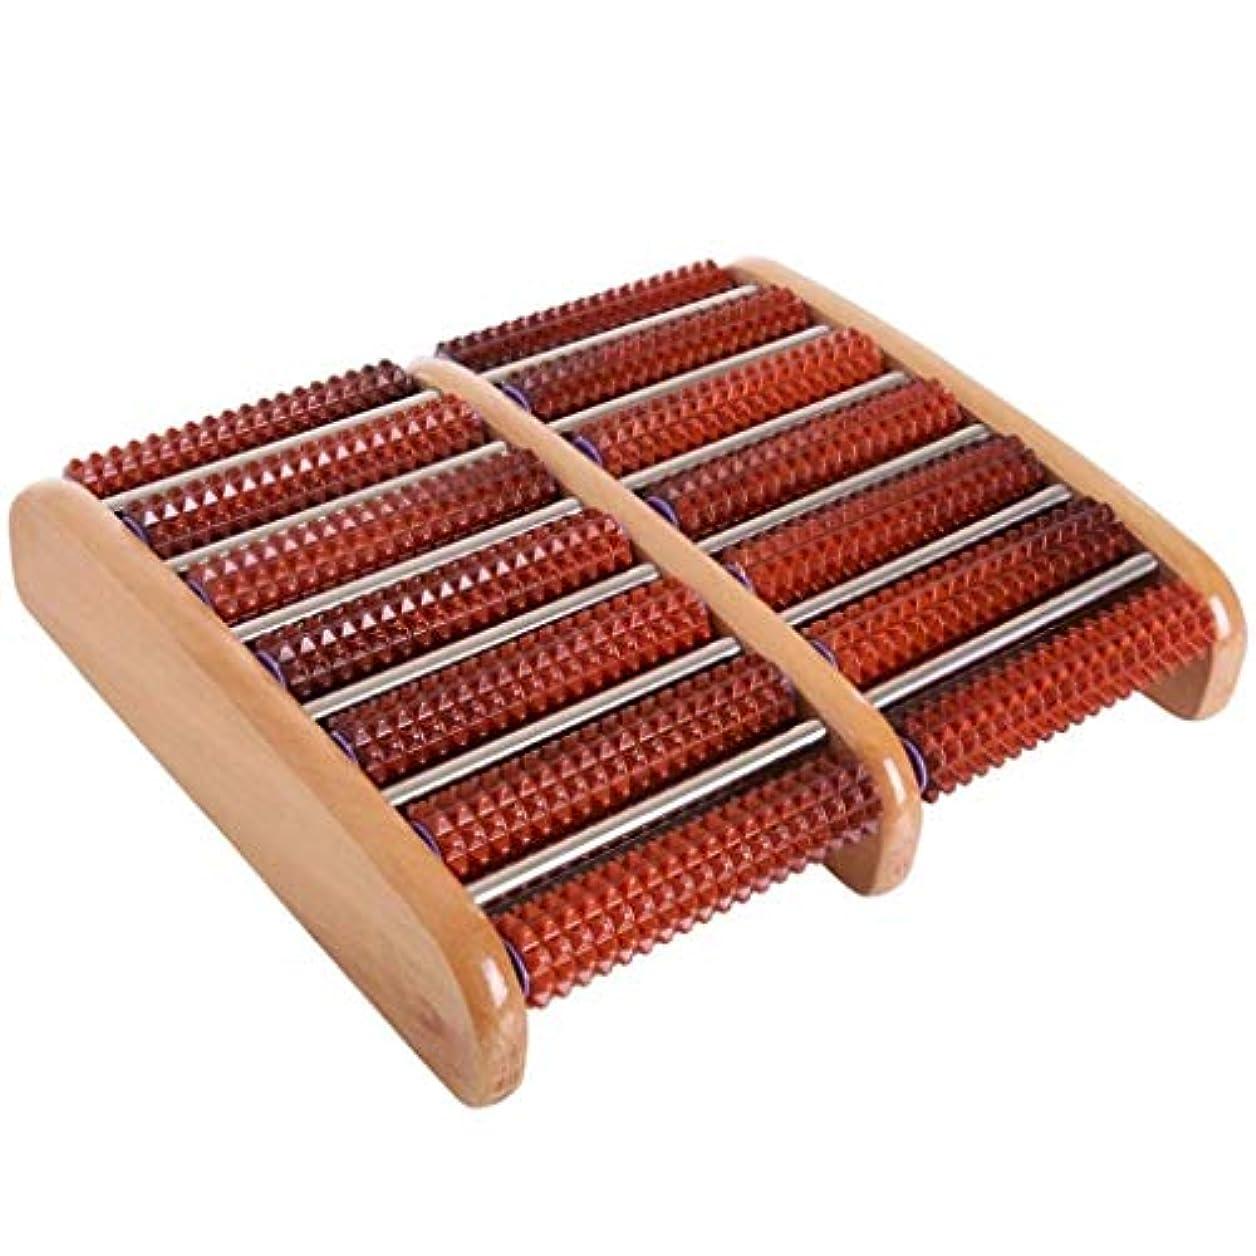 山岳レーザ懲戒足裏筋膜炎のための圧力/かかととアーチの痛みを和らげ、筋肉をリラックスさせ、フットマッサージャーをする木製のフットマッサージローラー (Color : A)